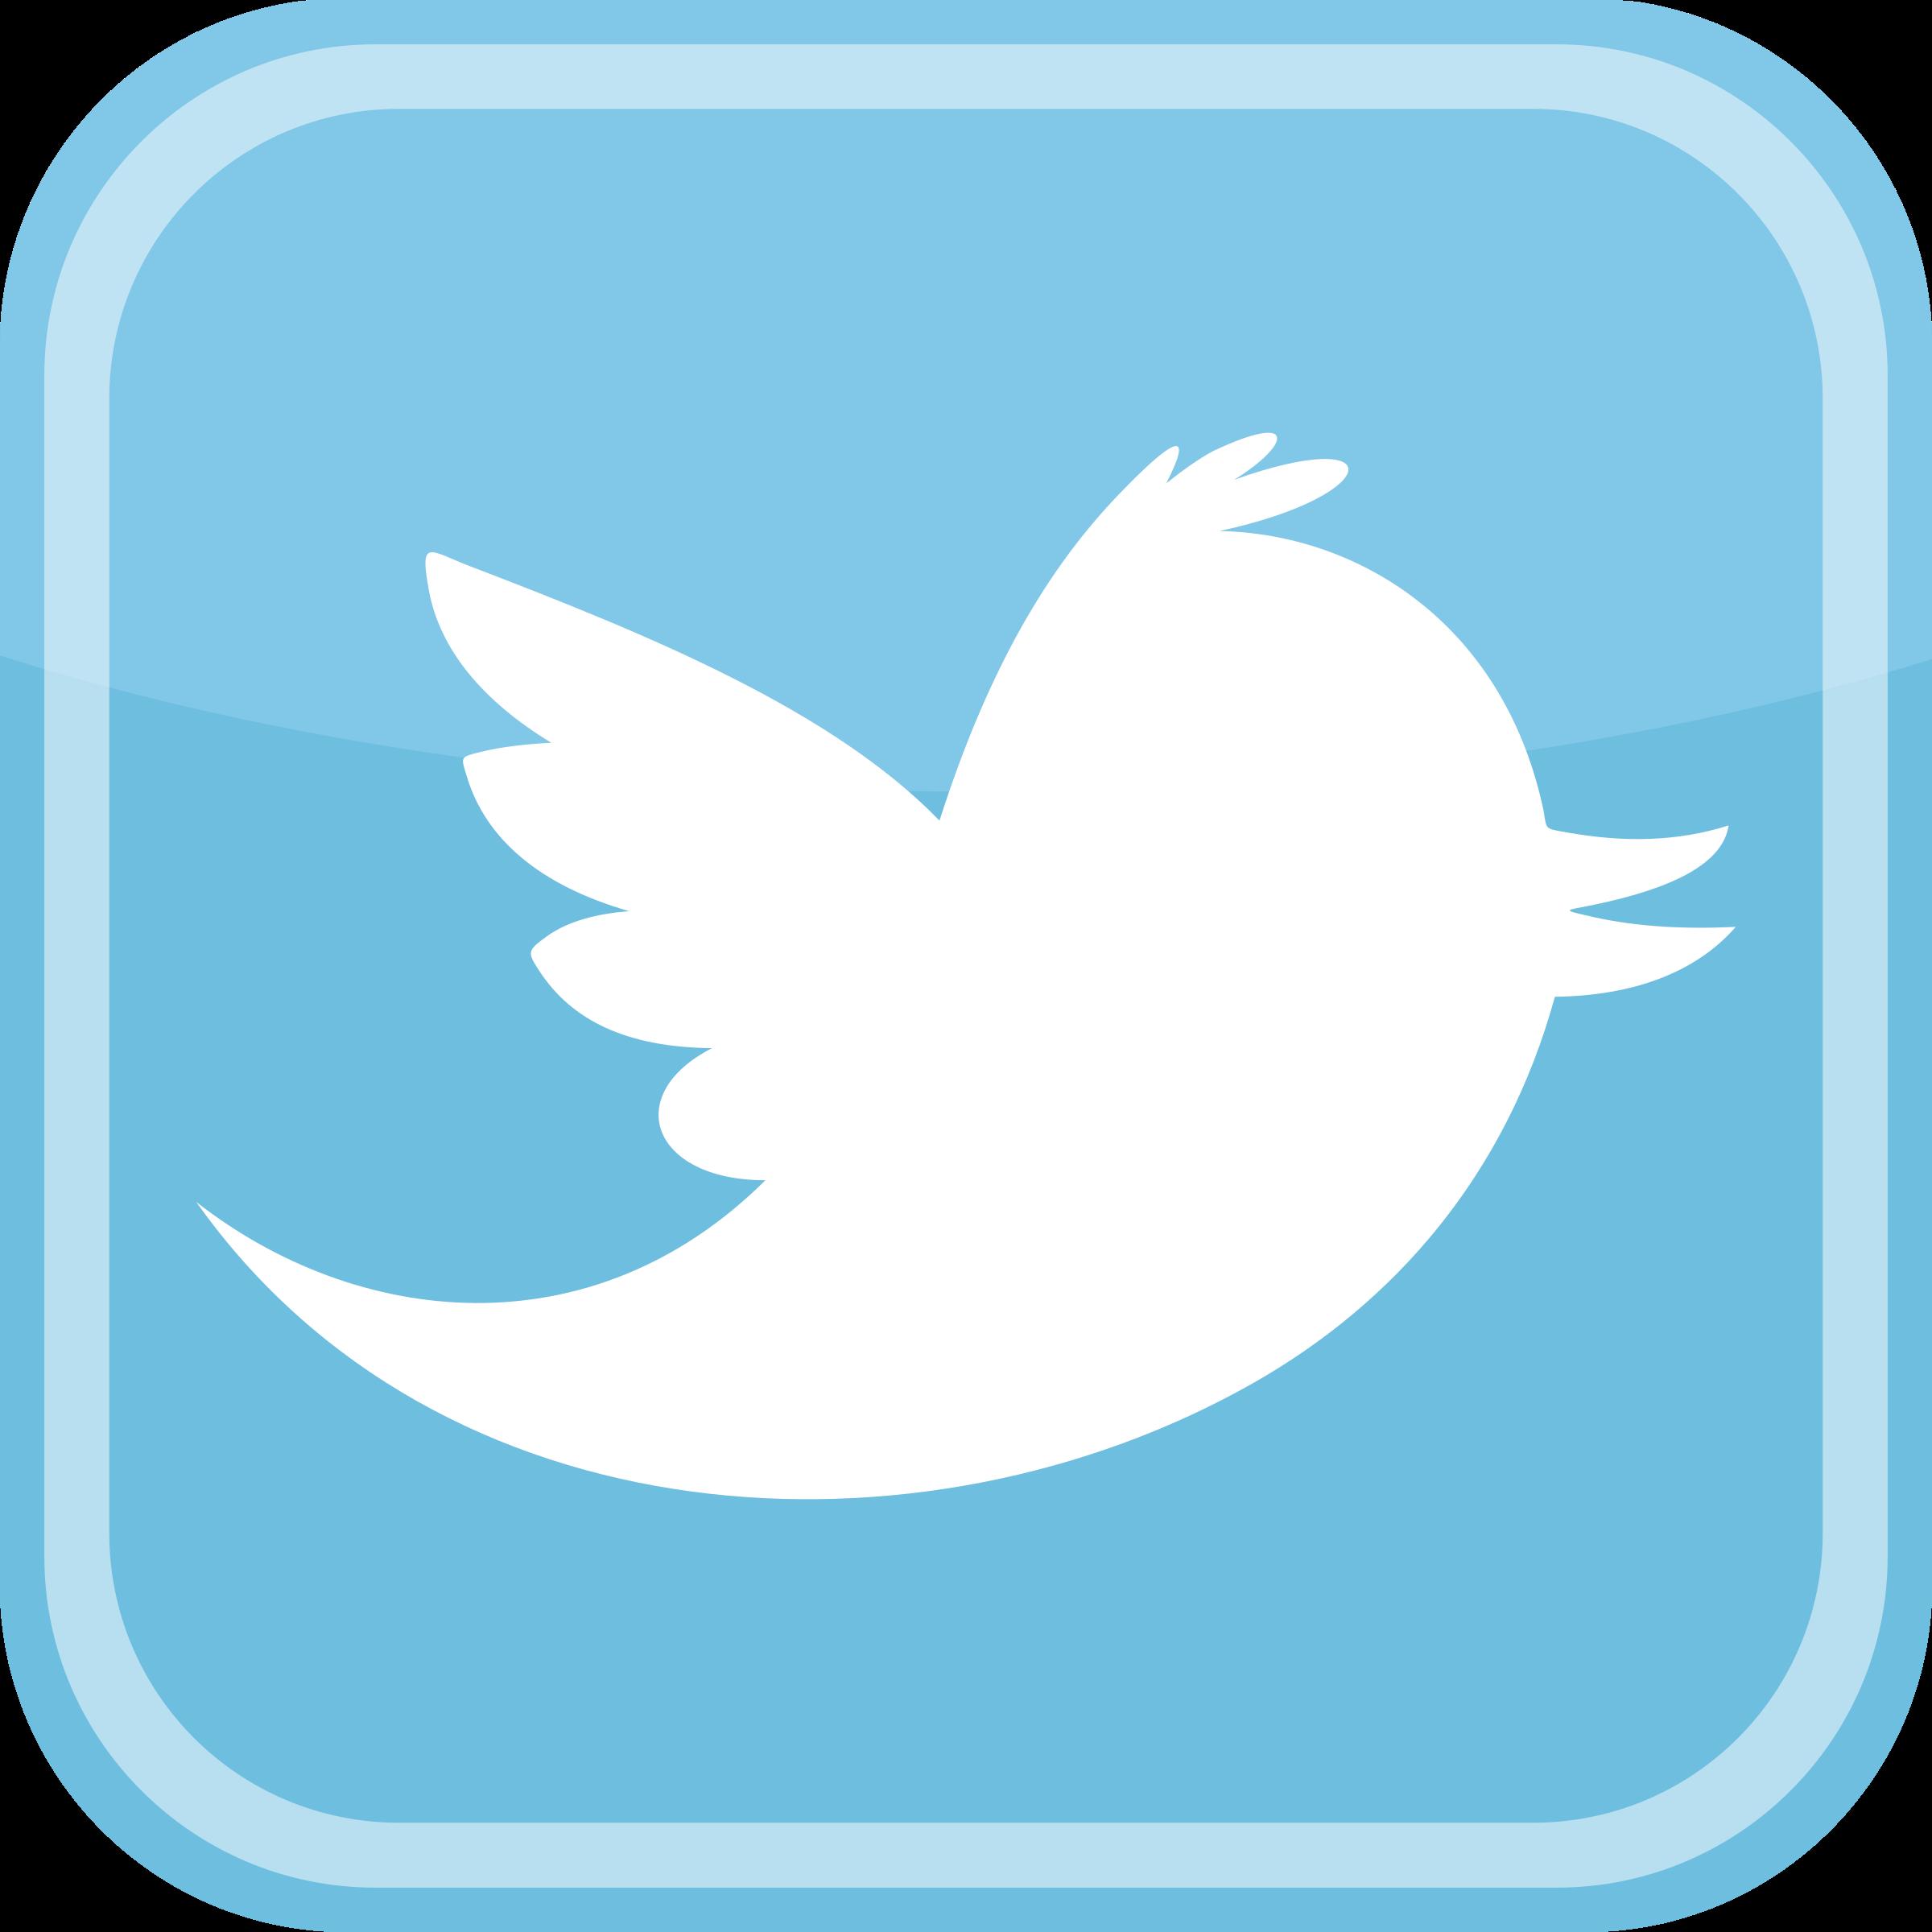 Twitter bird icon transparent